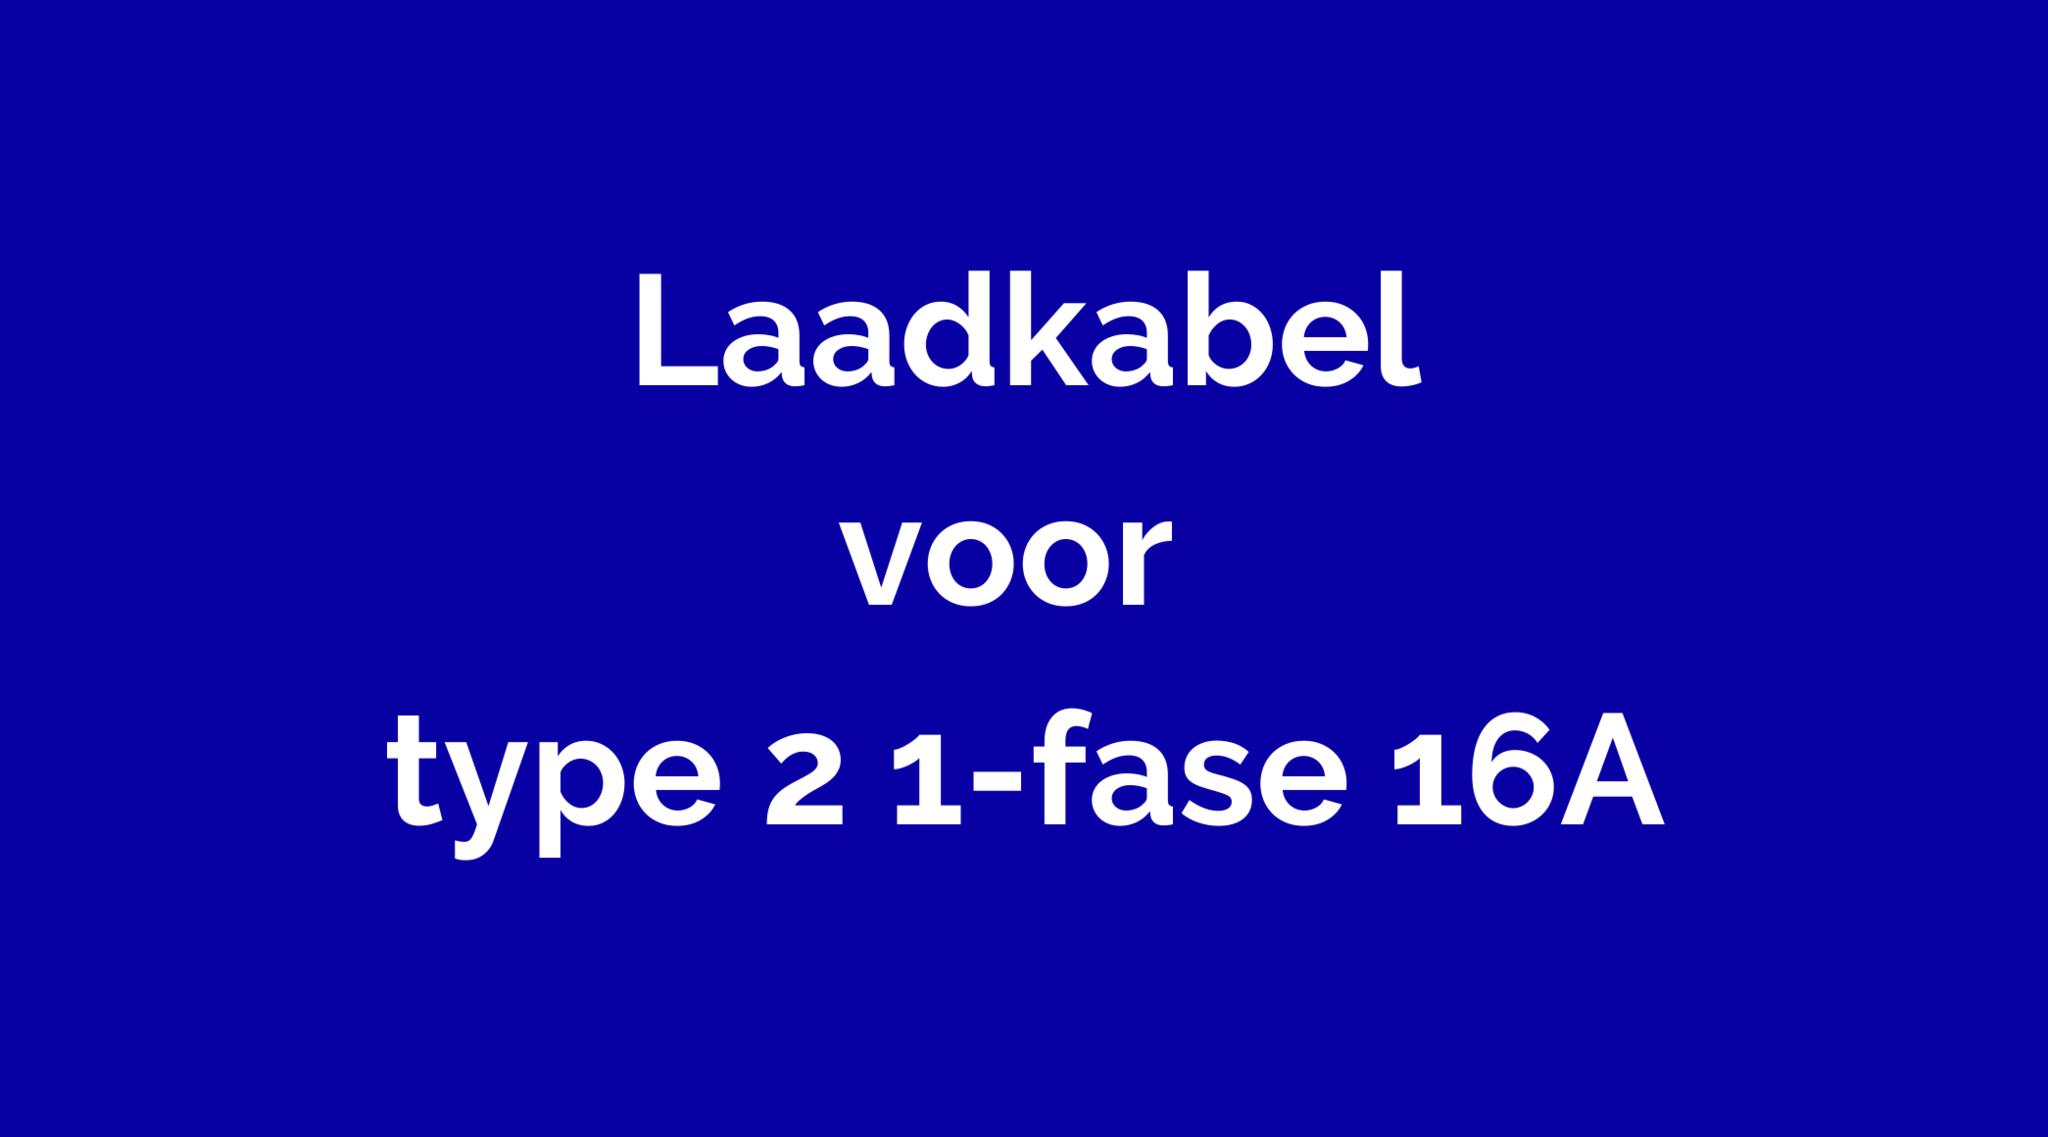 Type 2 Mennekes 1-fase 16A